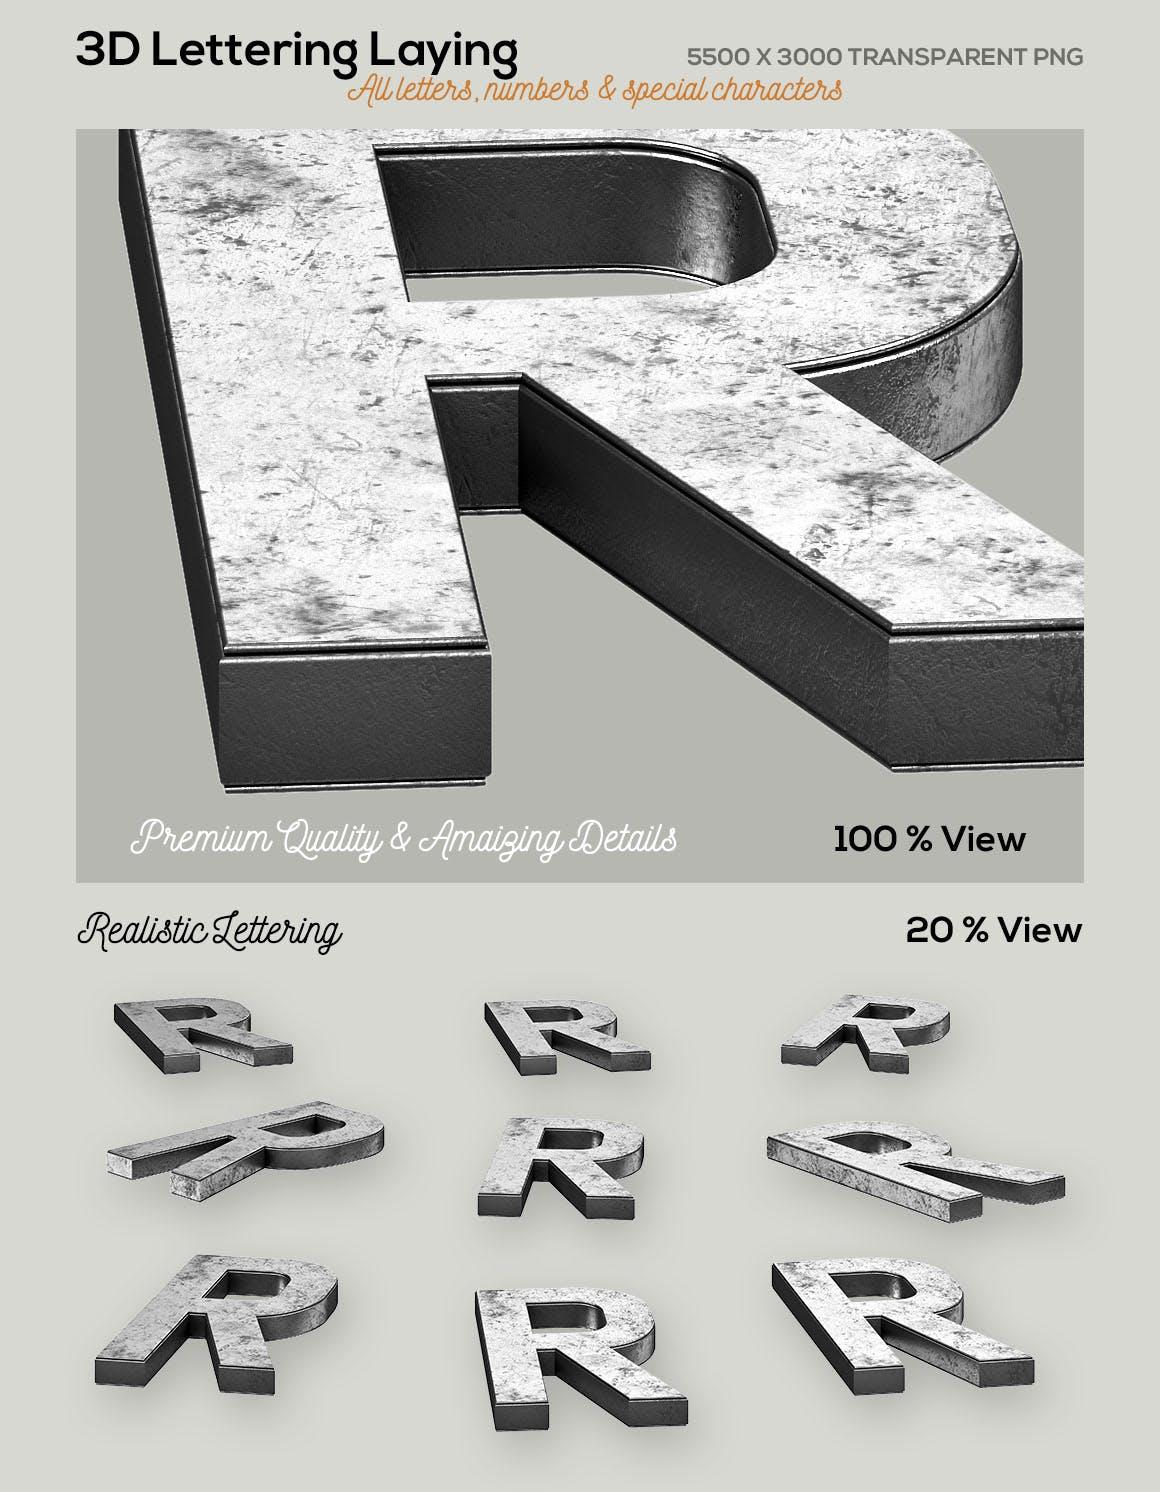 高品质的工业颓废质感的酒吧3D立体字母大集合设计素材模板